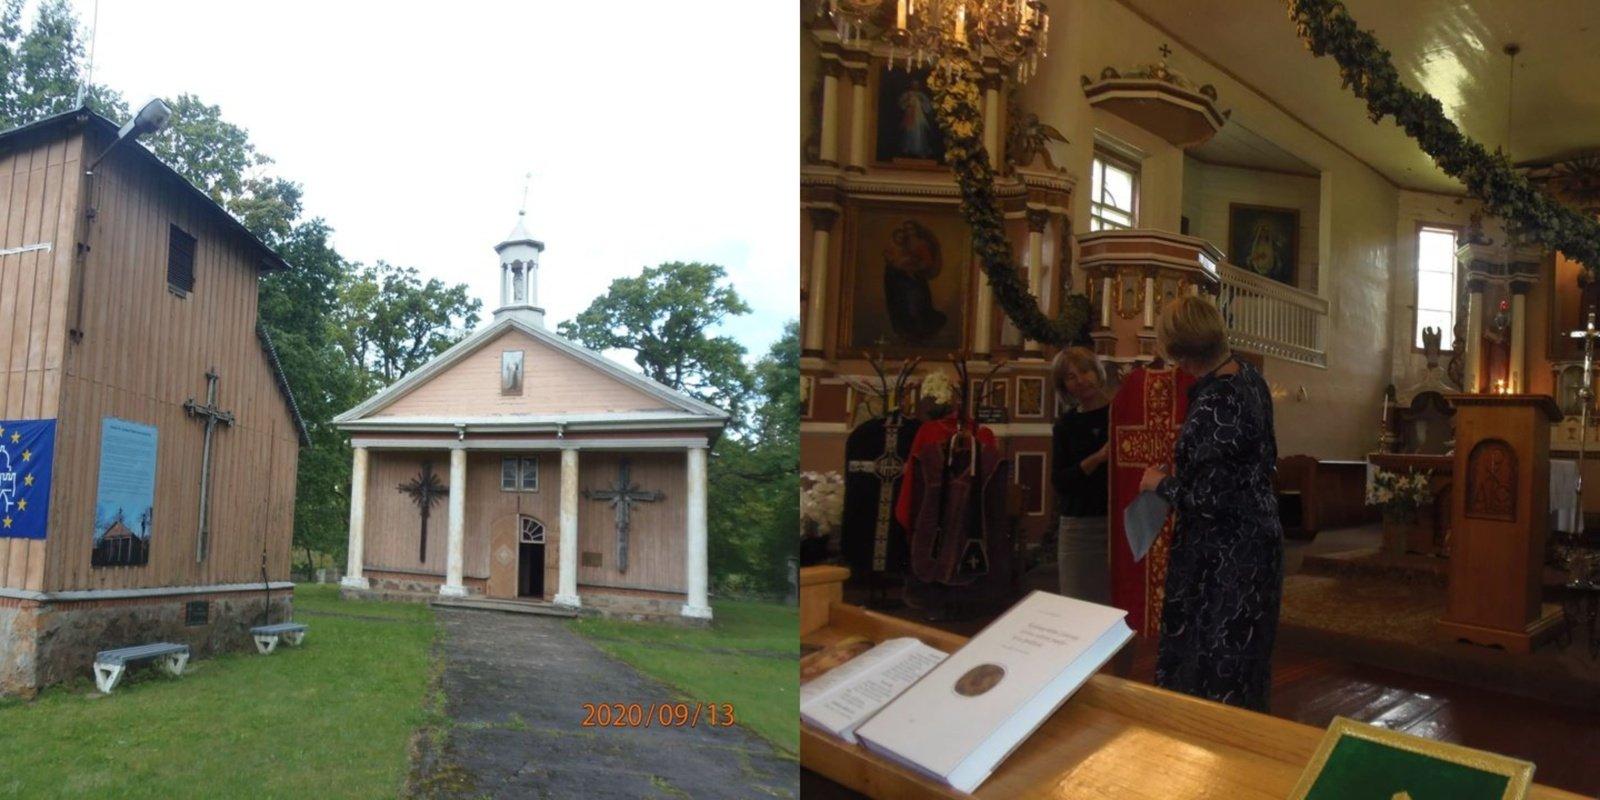 Europos paveldo dienos Stakių bažnyčioje pravėrė duris į parapijos istoriją